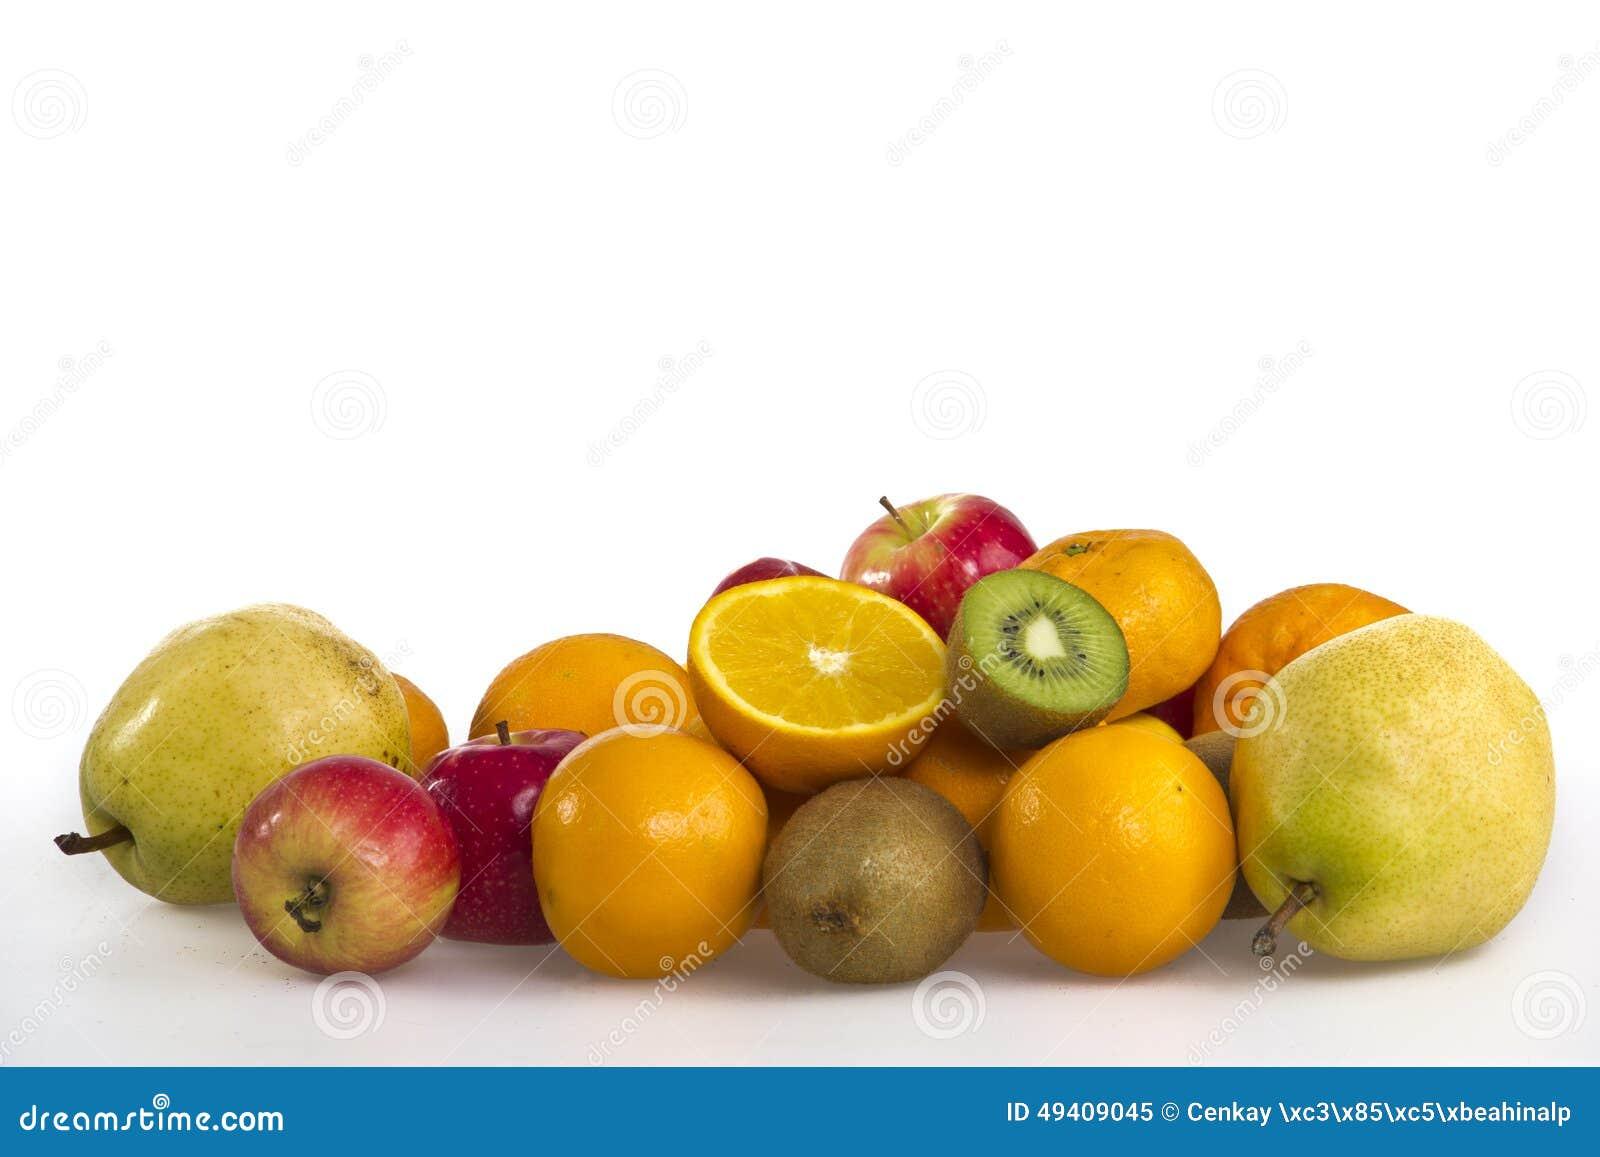 Download Tropische Frucht stockbild. Bild von zitrone, nahrung - 49409045